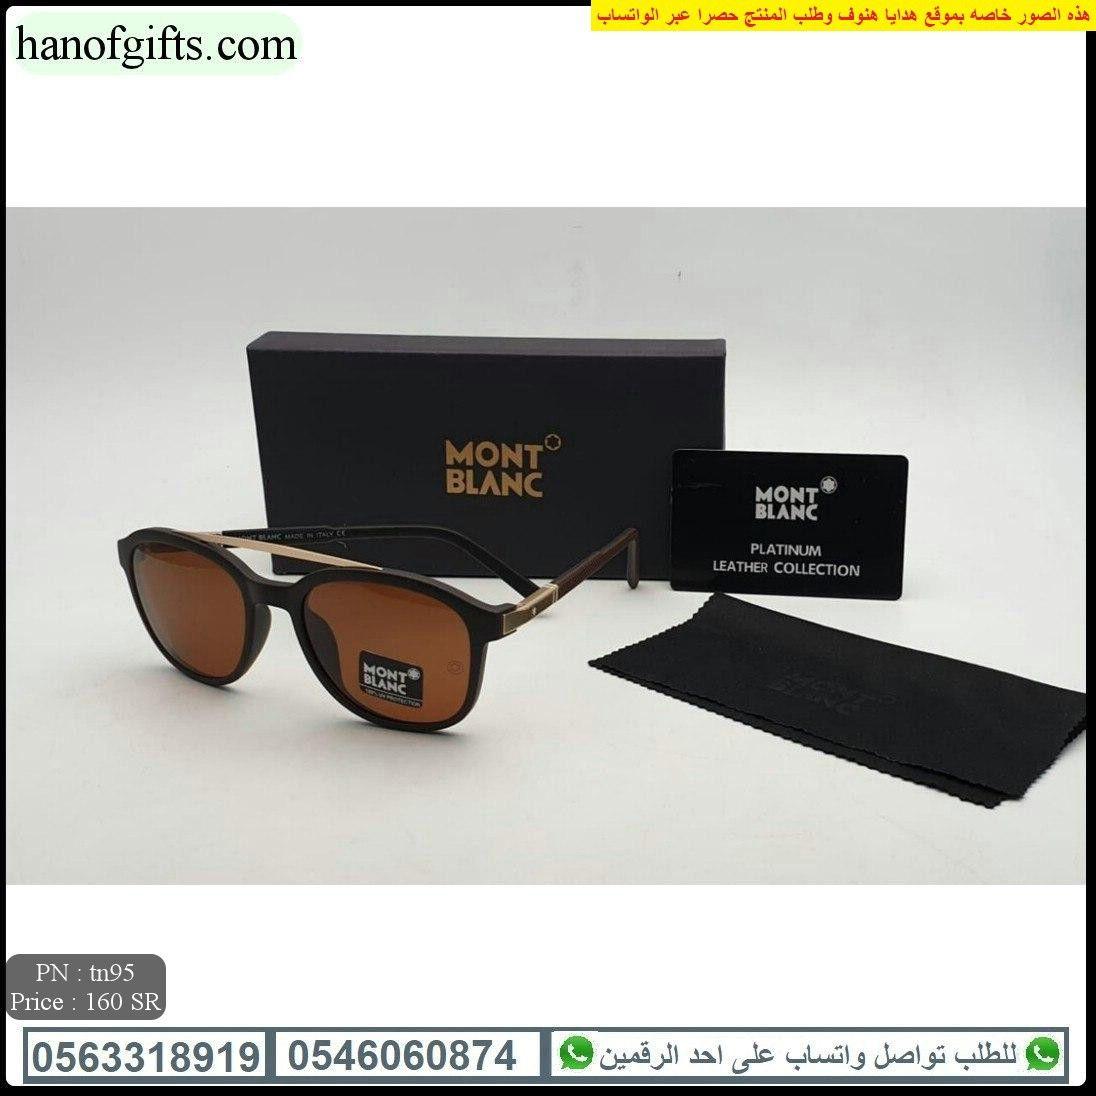 نظارات مونت بلانك شمسيه رجالي Mont Blanc مع ملحقات الماركه هدايا هنوف Leather Sunglasses Square Sunglass